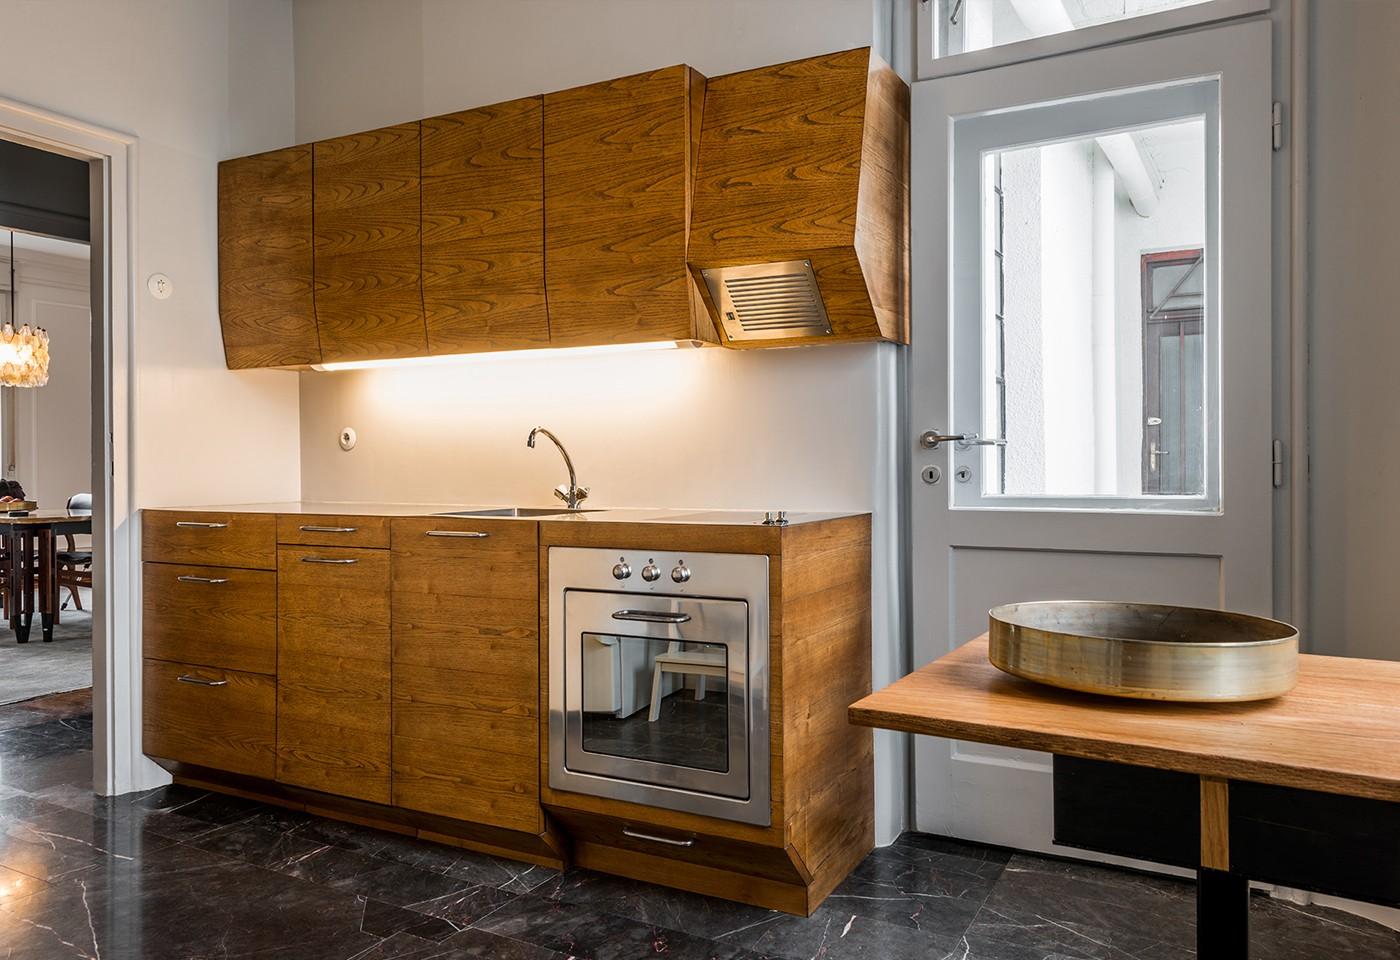 Tubo Per Cappa Cucina Design cappa cucina aspirante. non un semplice elettrodomestico ma